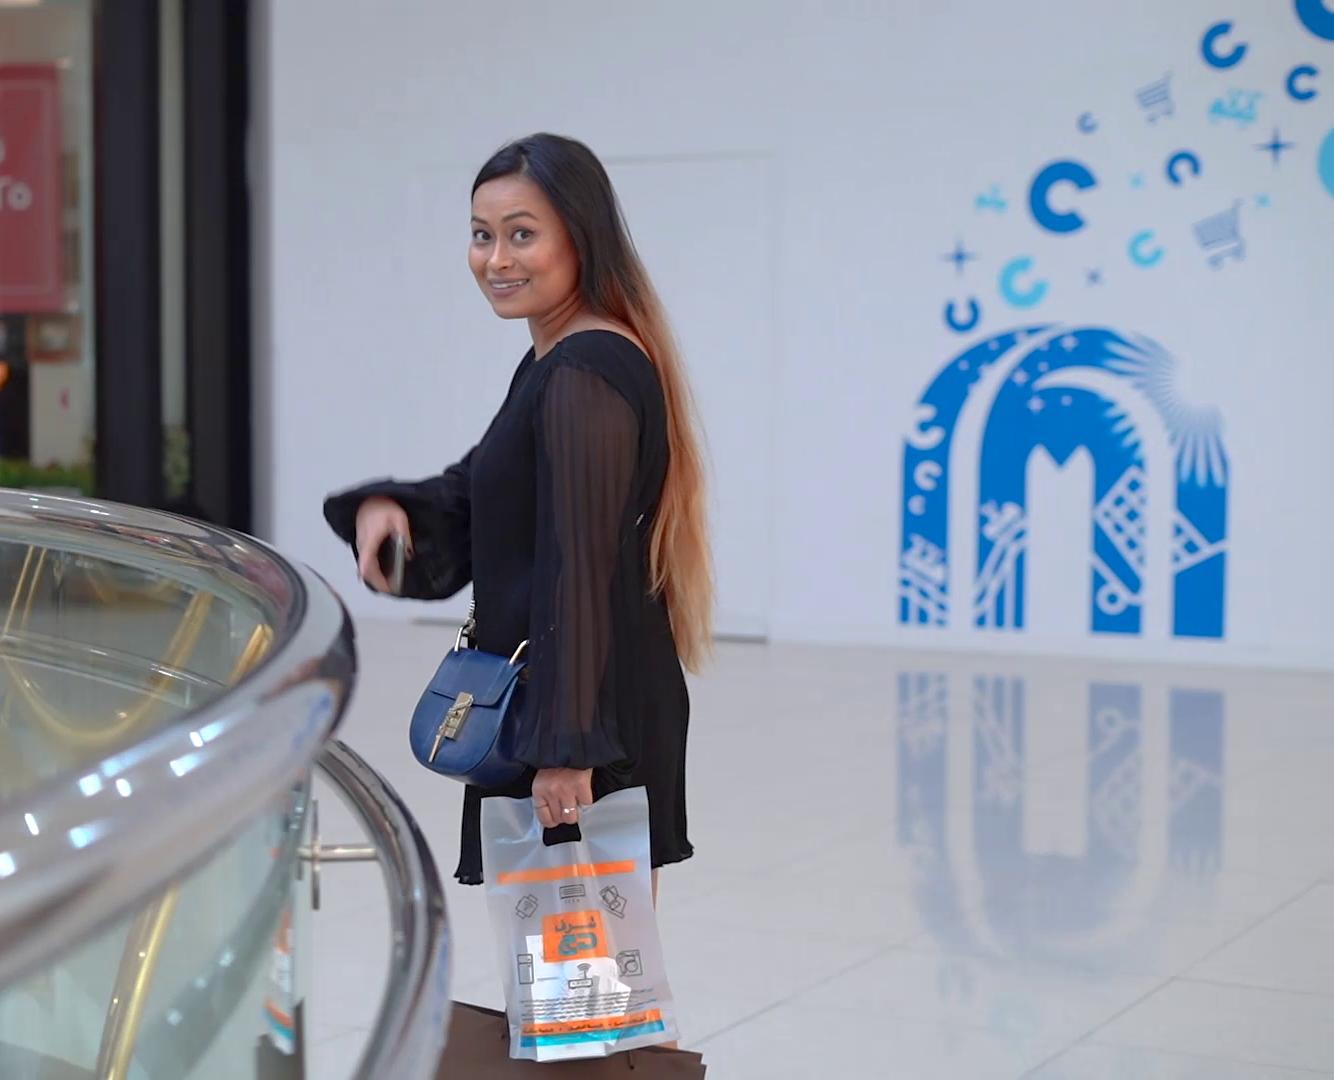 Majid Al Futtaim Malls